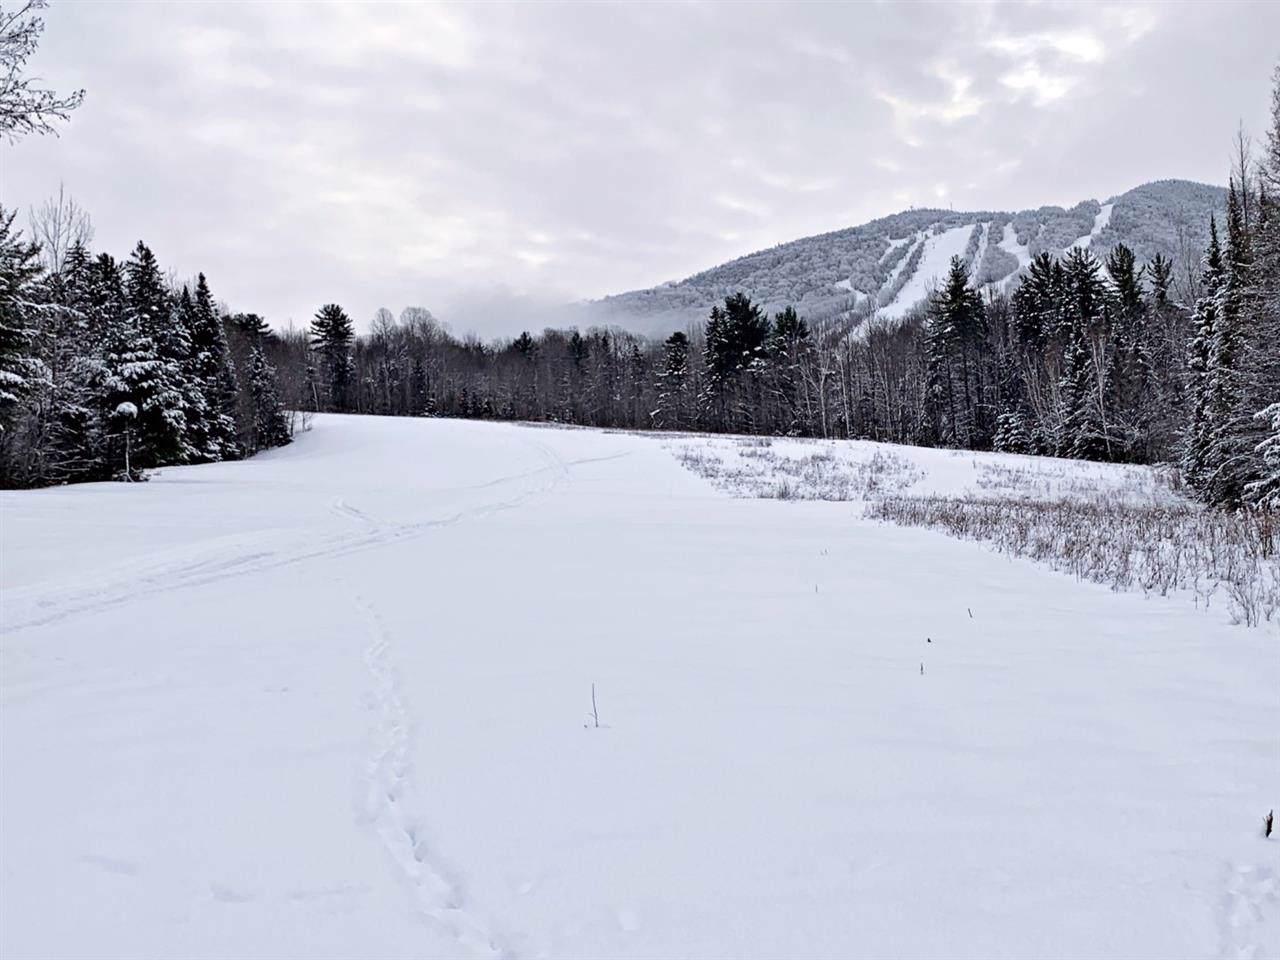 000 Mountain Road - Photo 1